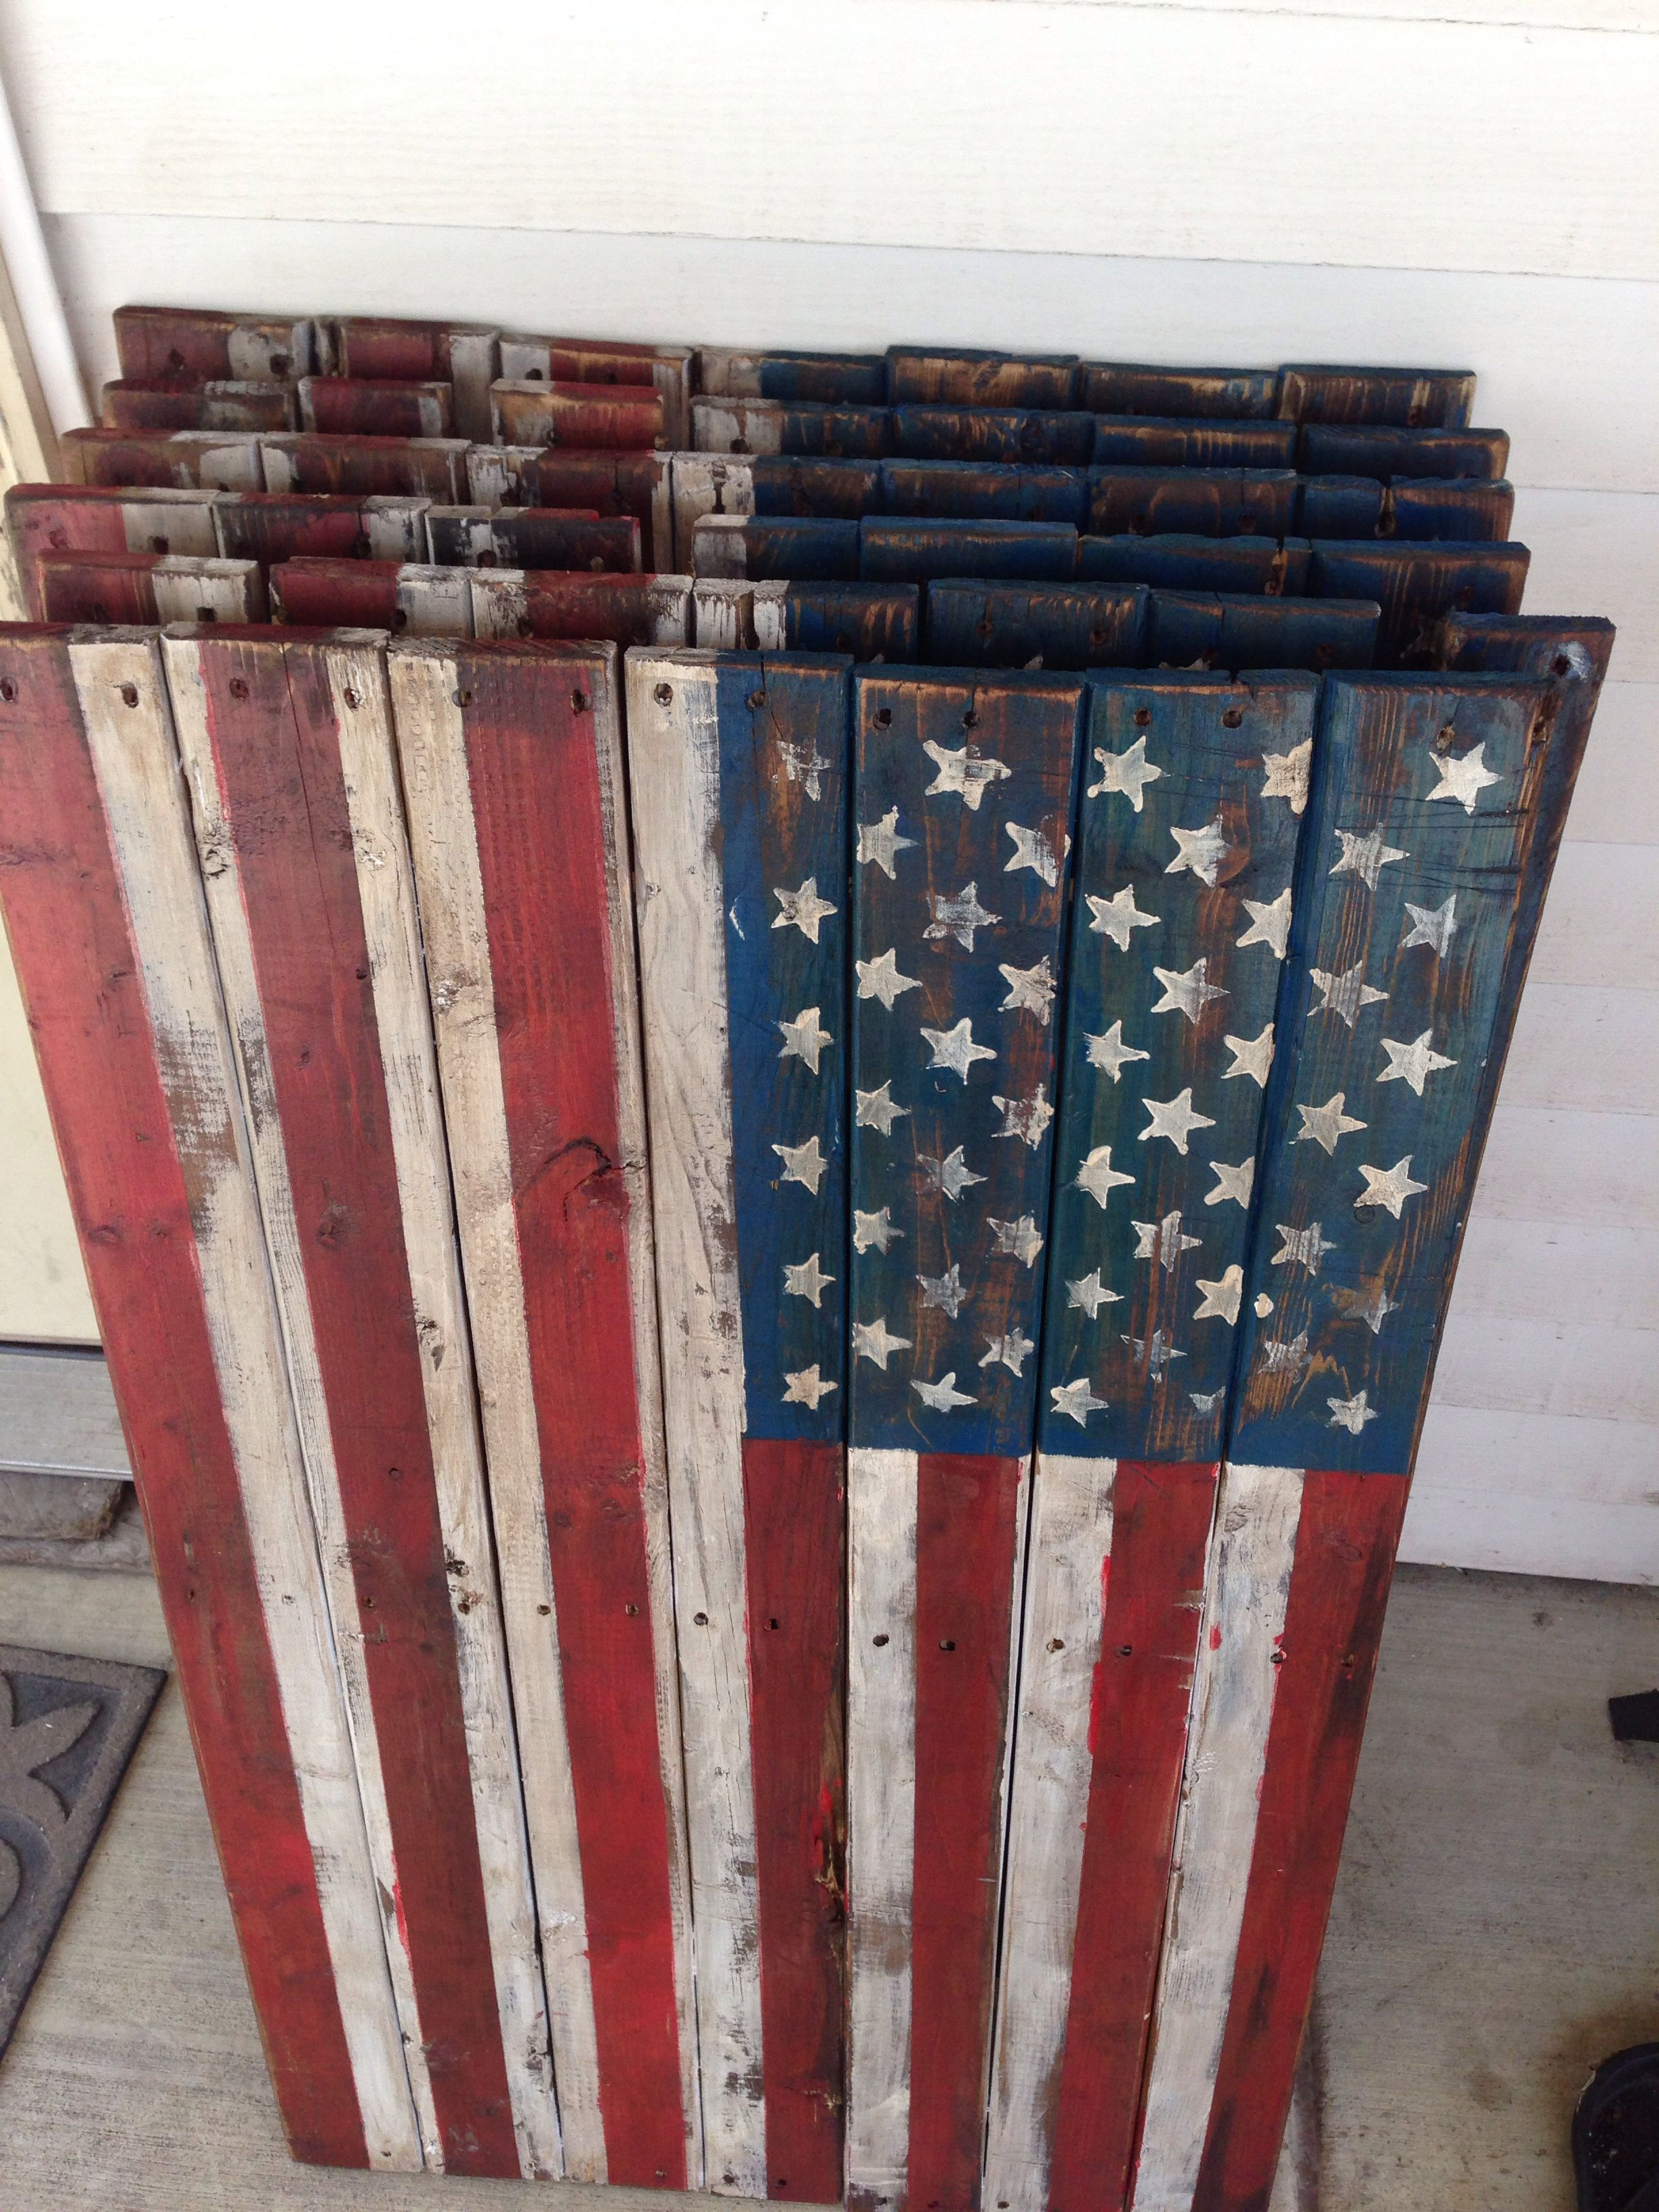 d0be2effa073 Primitive rustic americana wooden pallet flags.